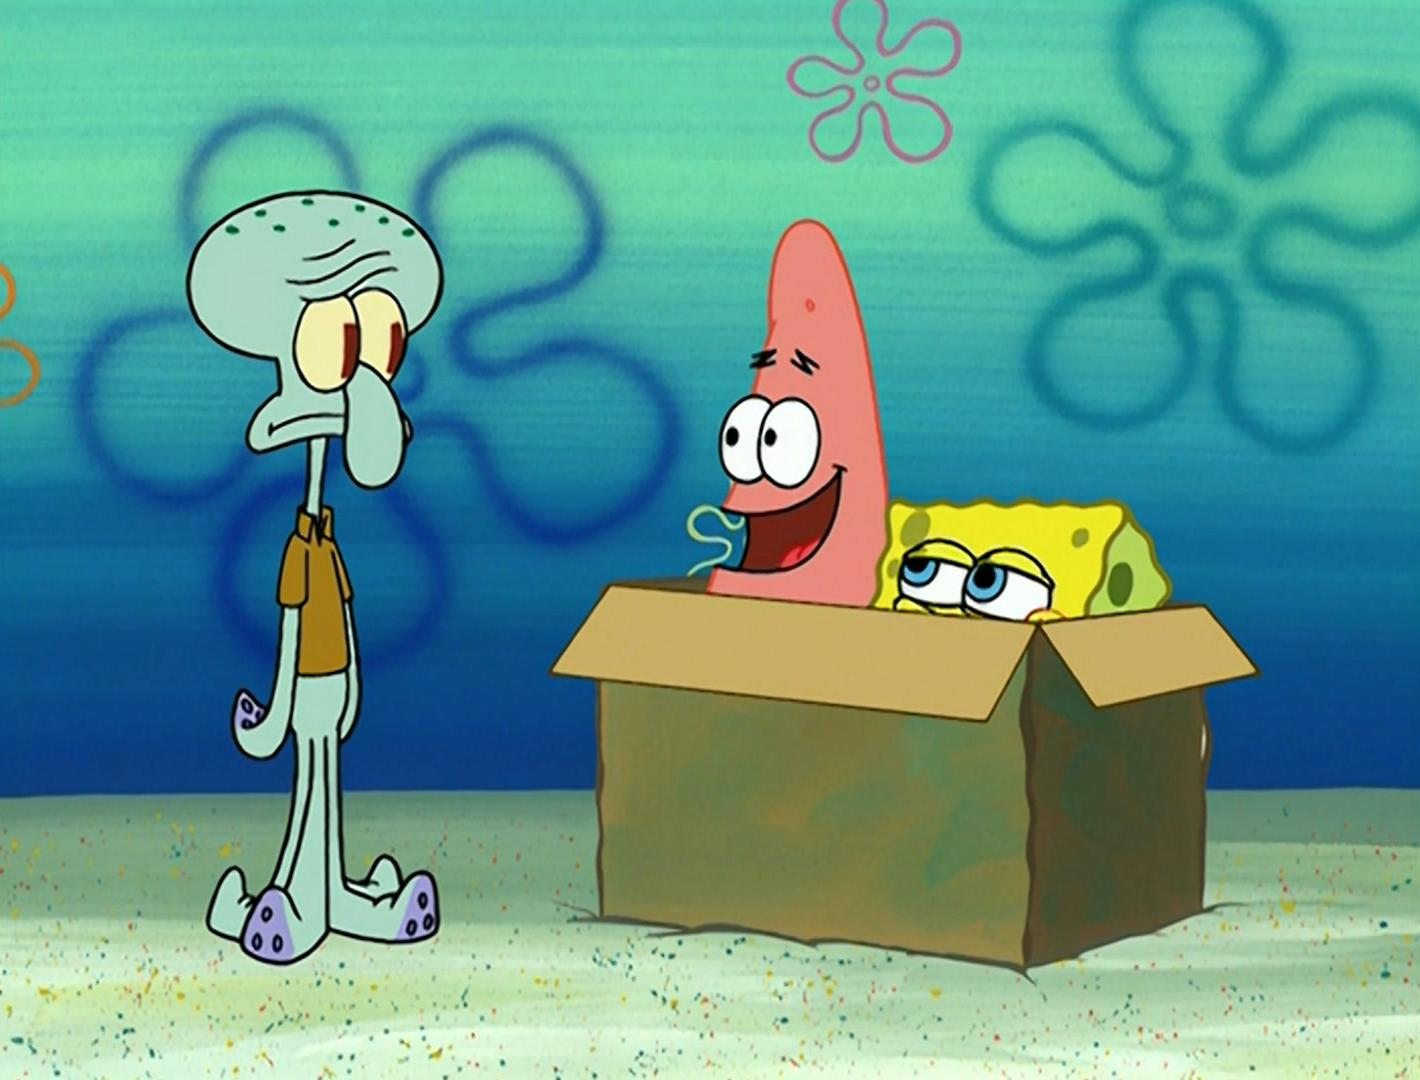 File:Idiot Box 024.png